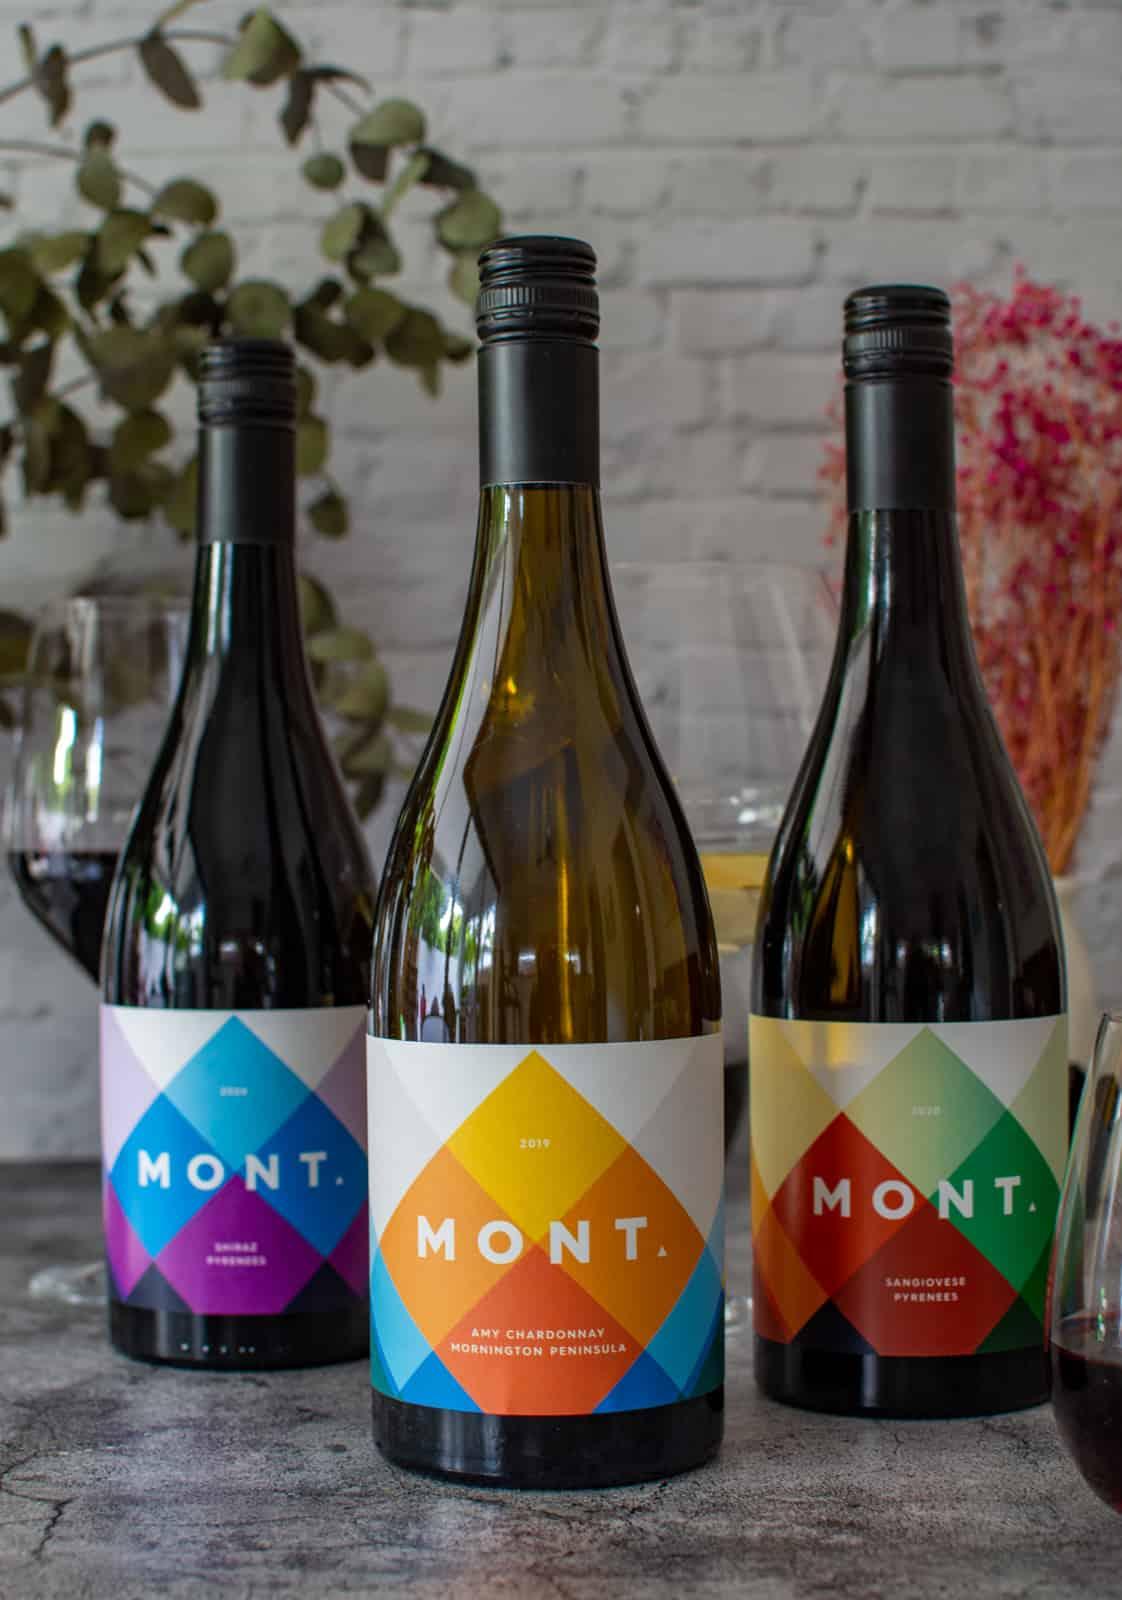 Mont wines